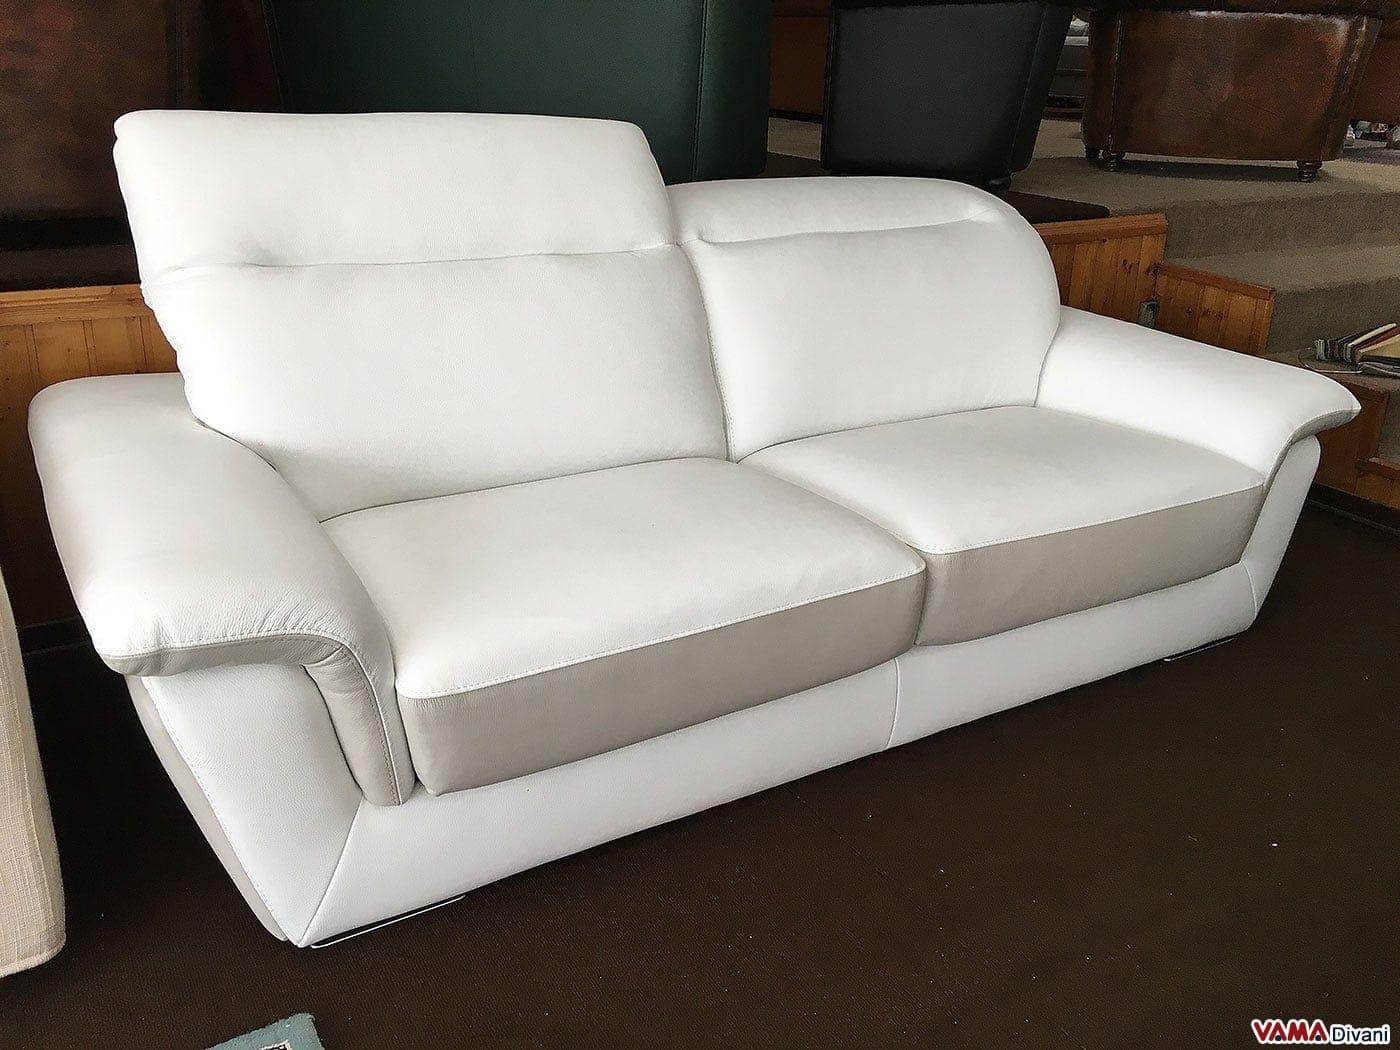 divano bianco in pelle in offerta con poggiatesta relax